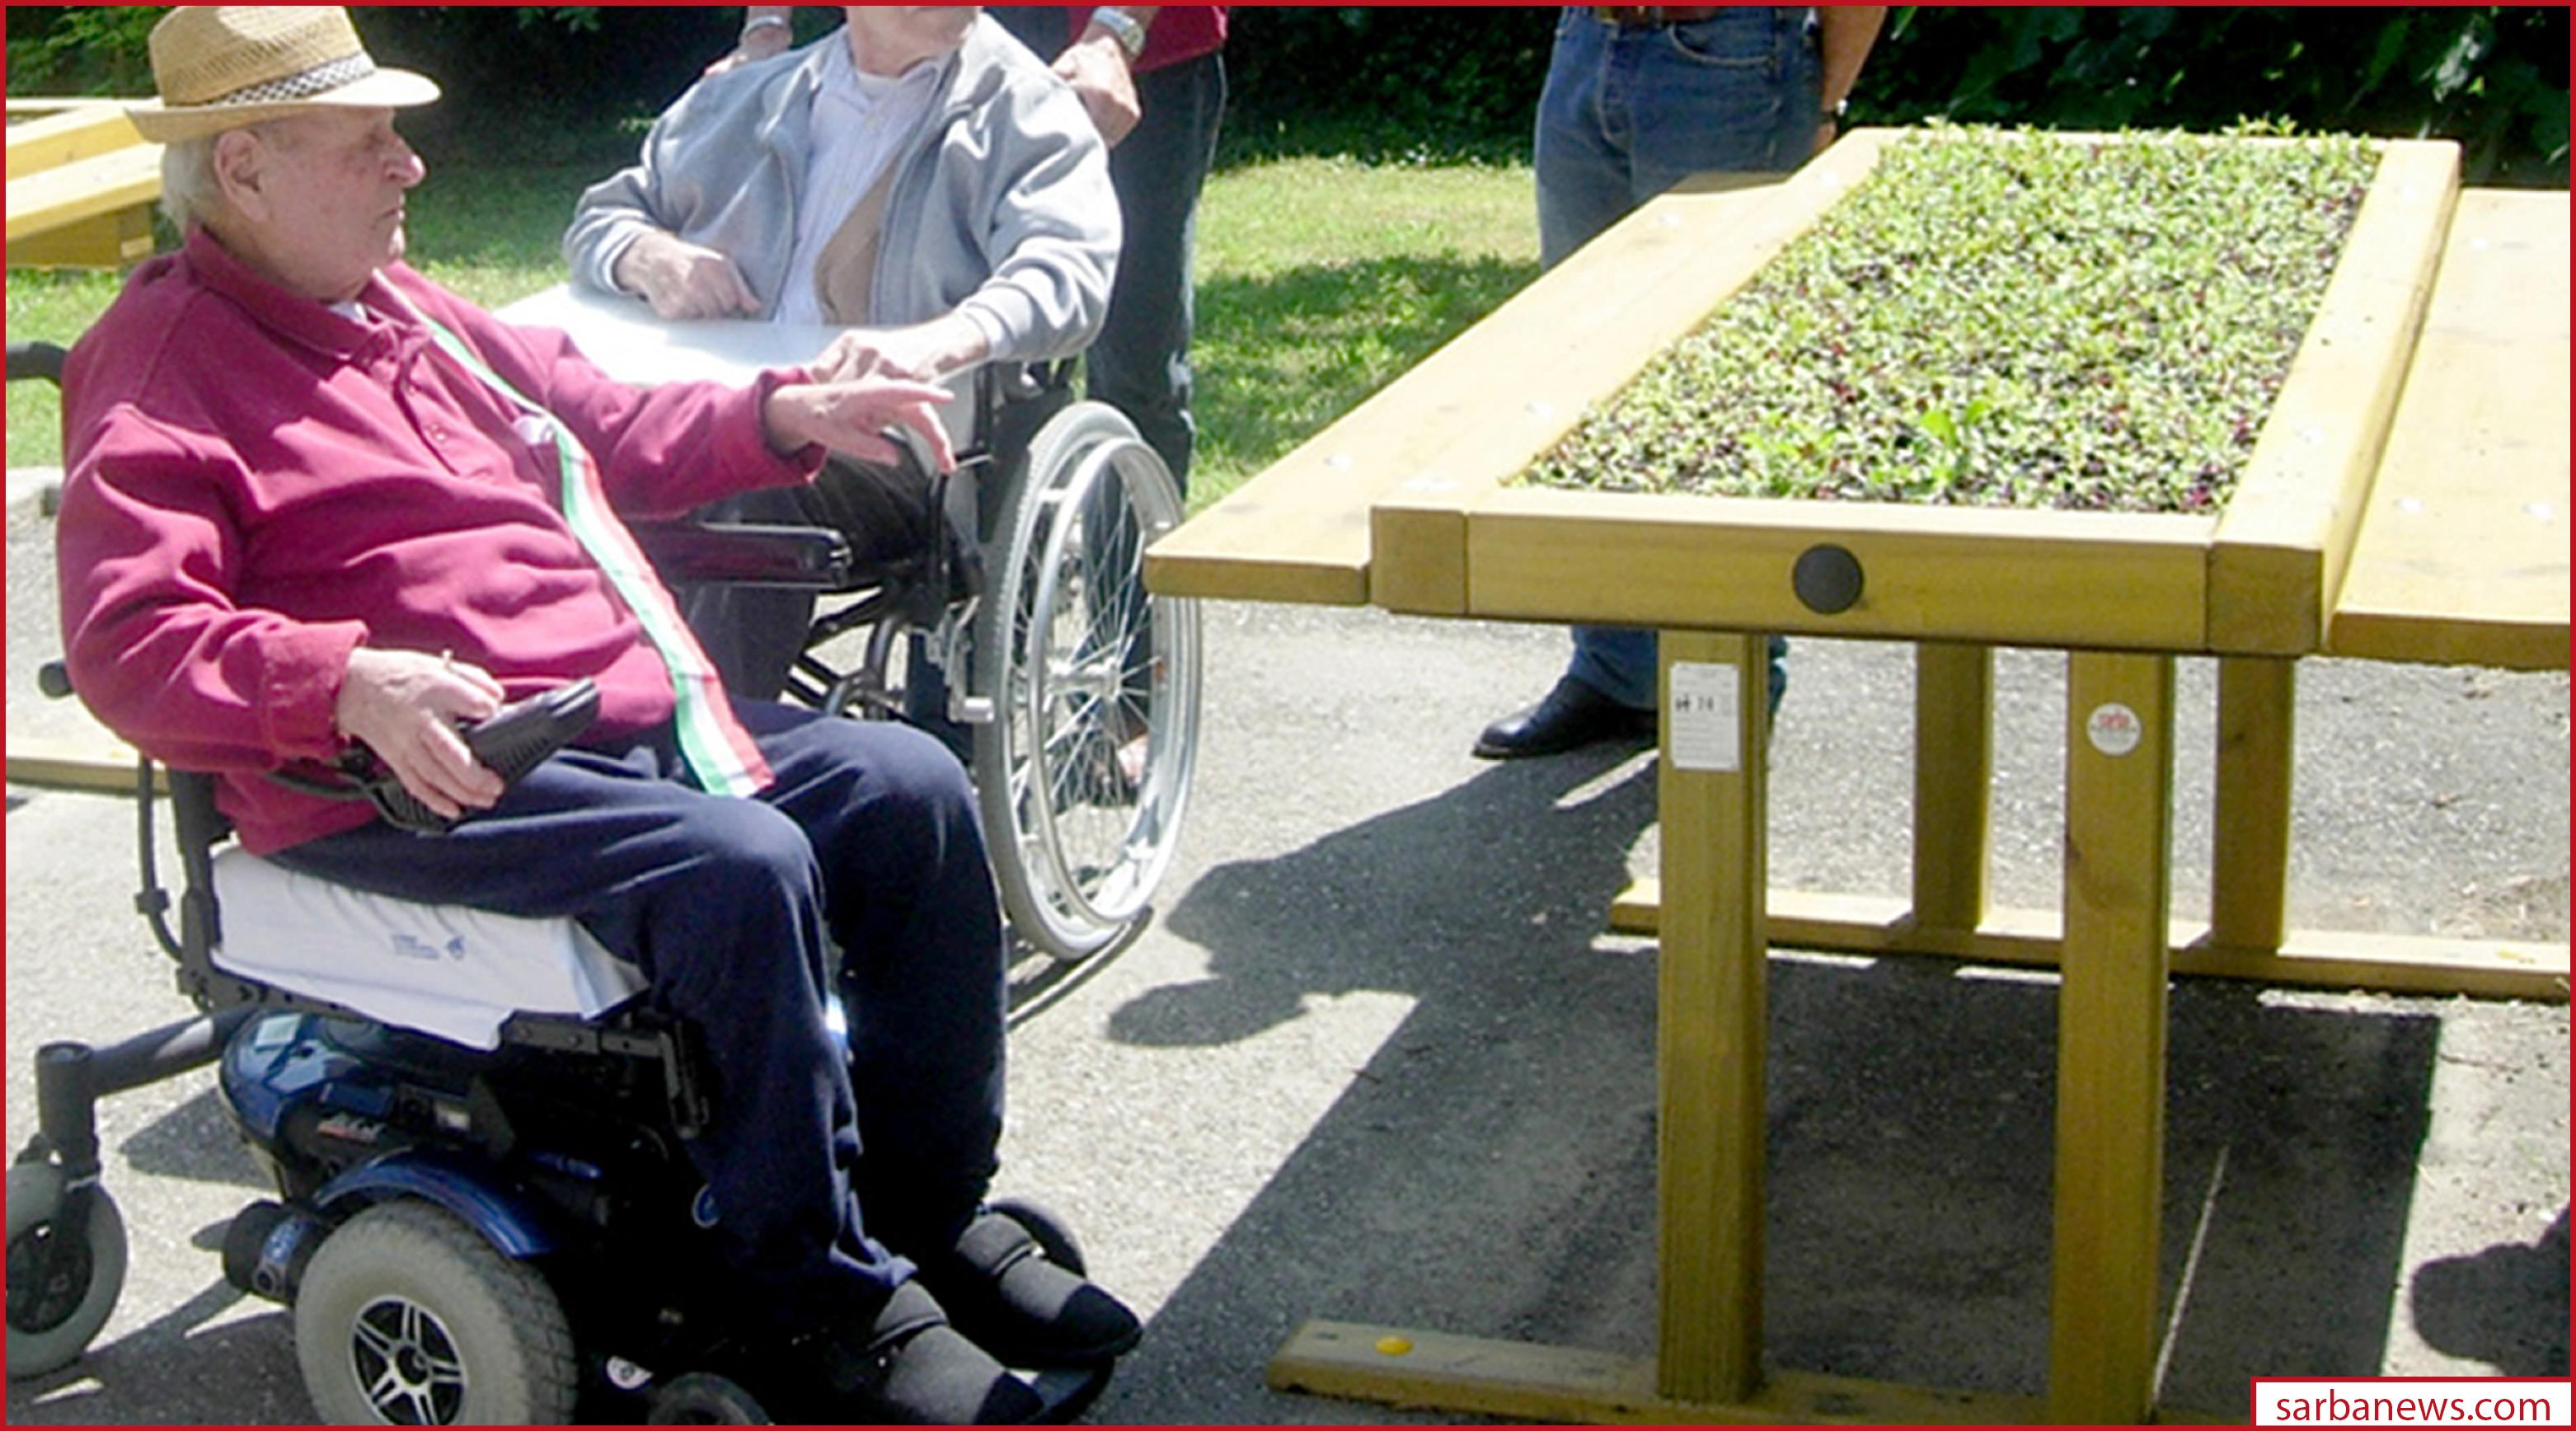 Ortoterapia: un toccasana per tutti, anziani e piccini